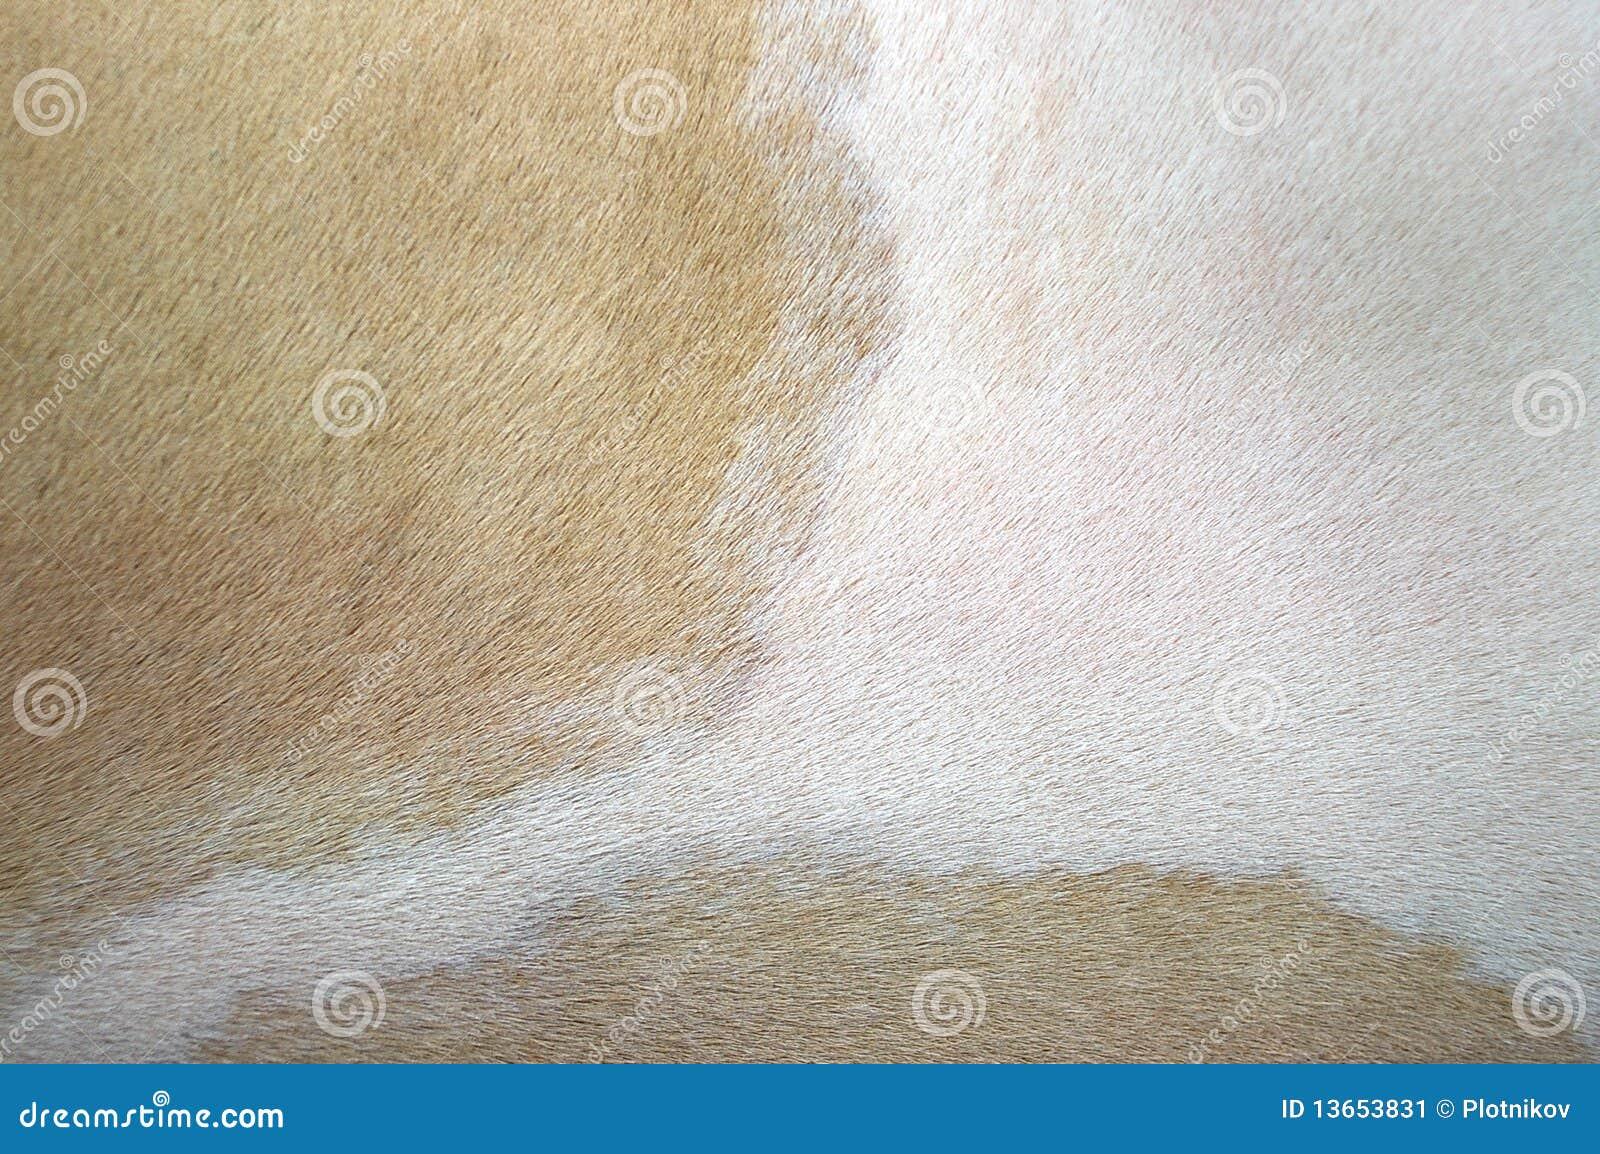 Peau beige et blanche de vache image stock image 13653831 - Peau de vache blanche ...